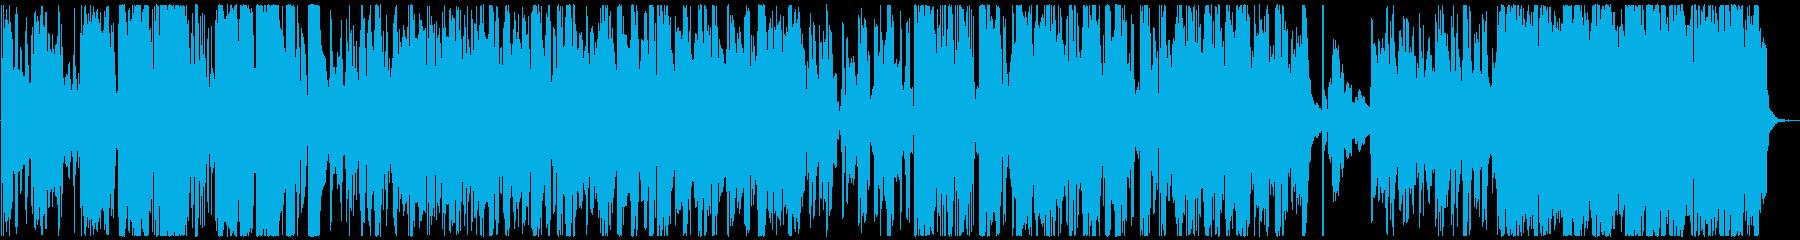 フュージョン ジャズ ラウンジ ま...の再生済みの波形